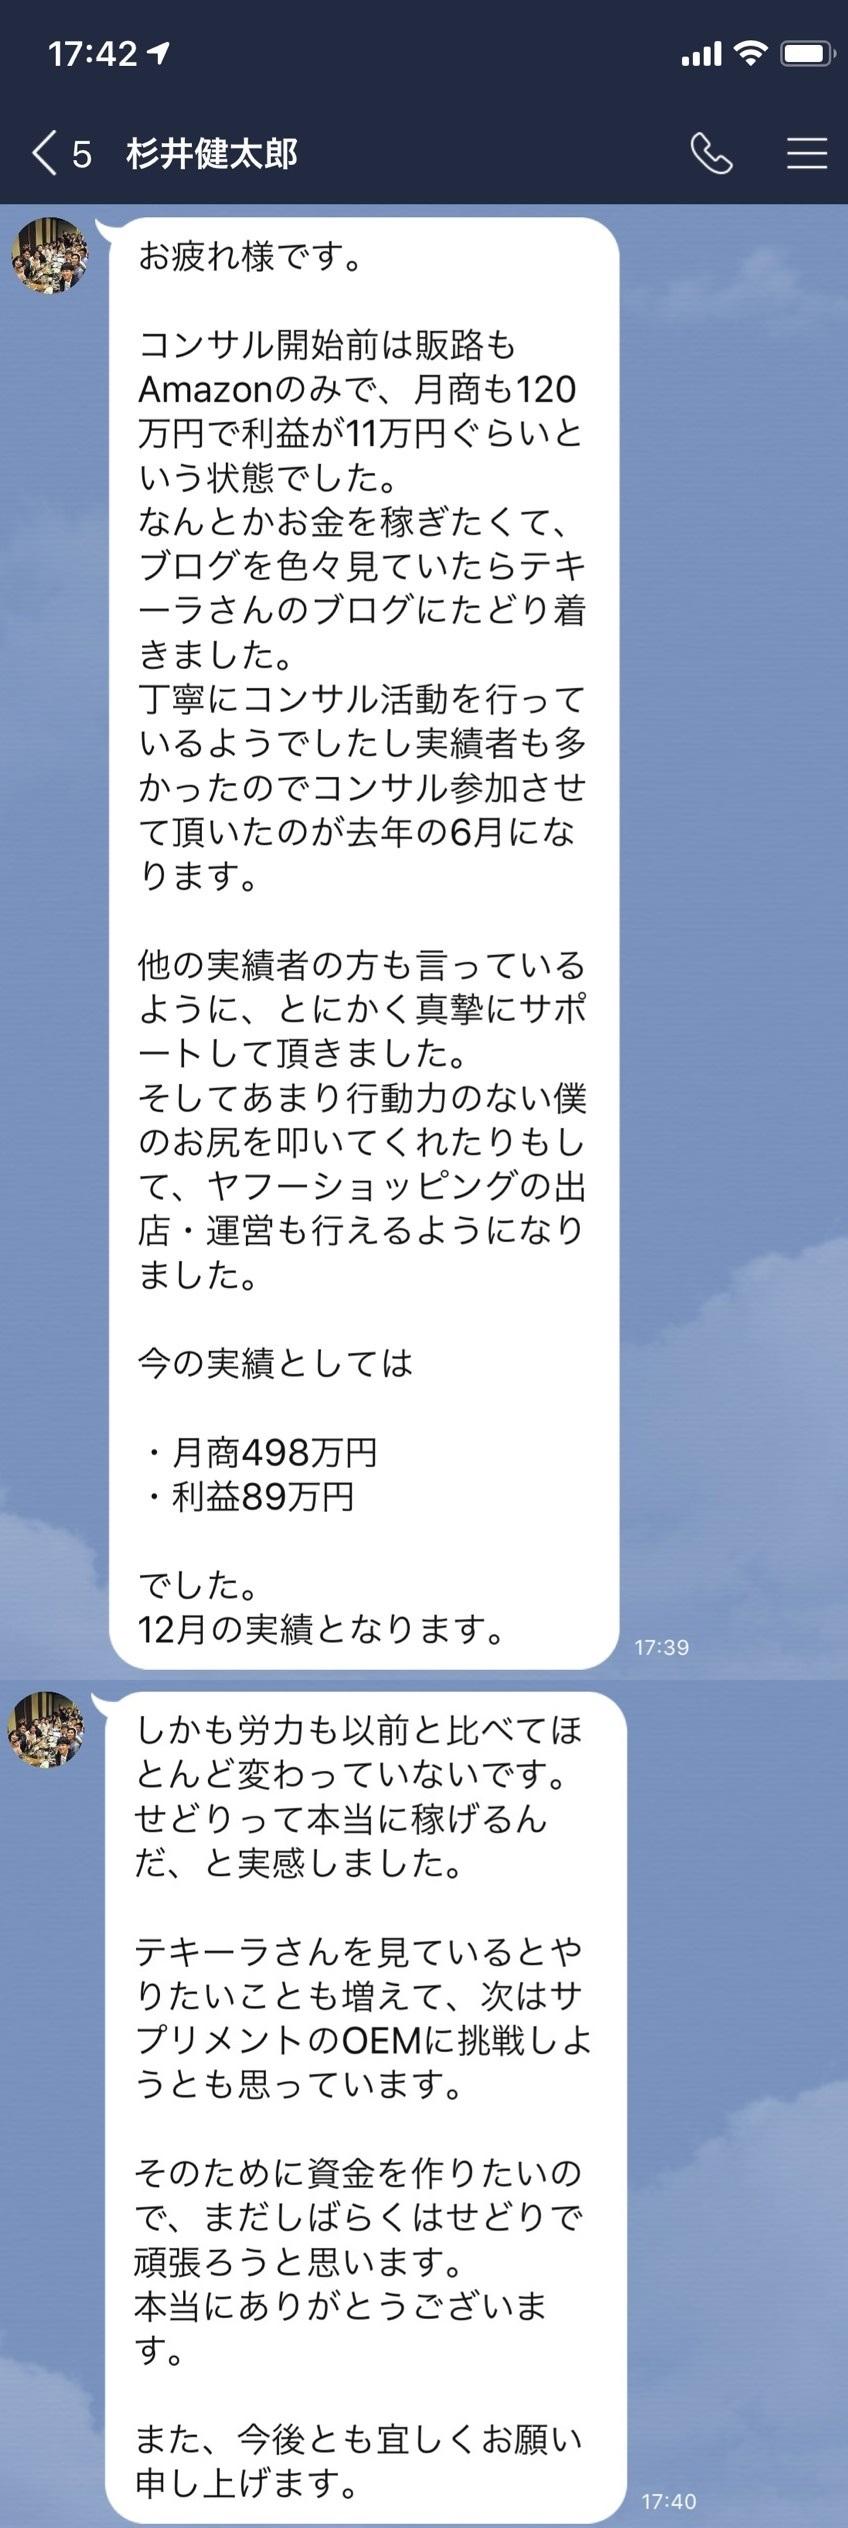 杉井さんからのメッセージ